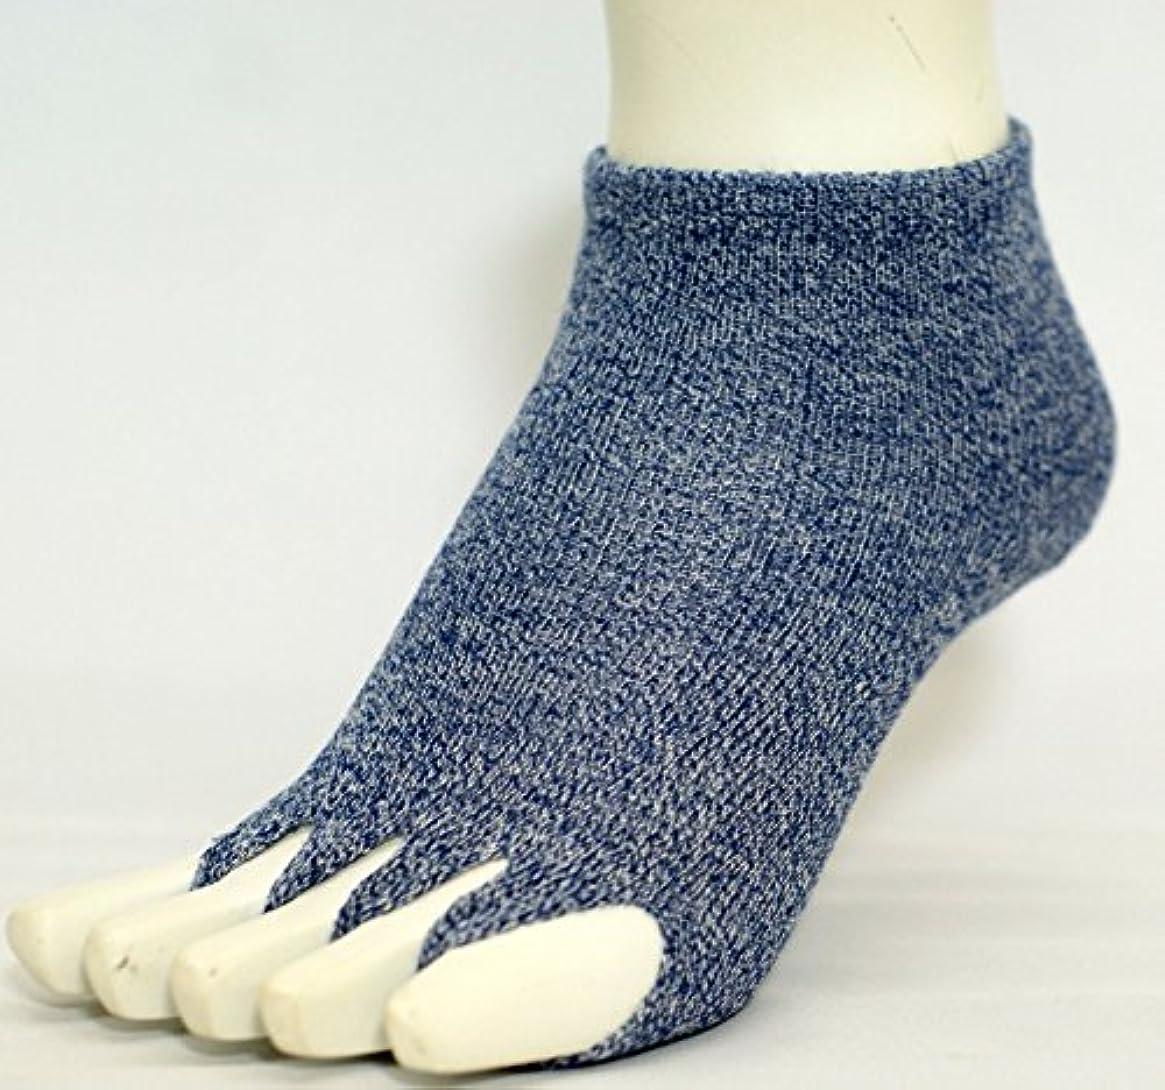 永遠に幾何学野生指なし健康ソックス 8色 4サイズ  冷え性?足のむくみ対策に 竹繊維の入った?  (21cm~23cm, 紺色)